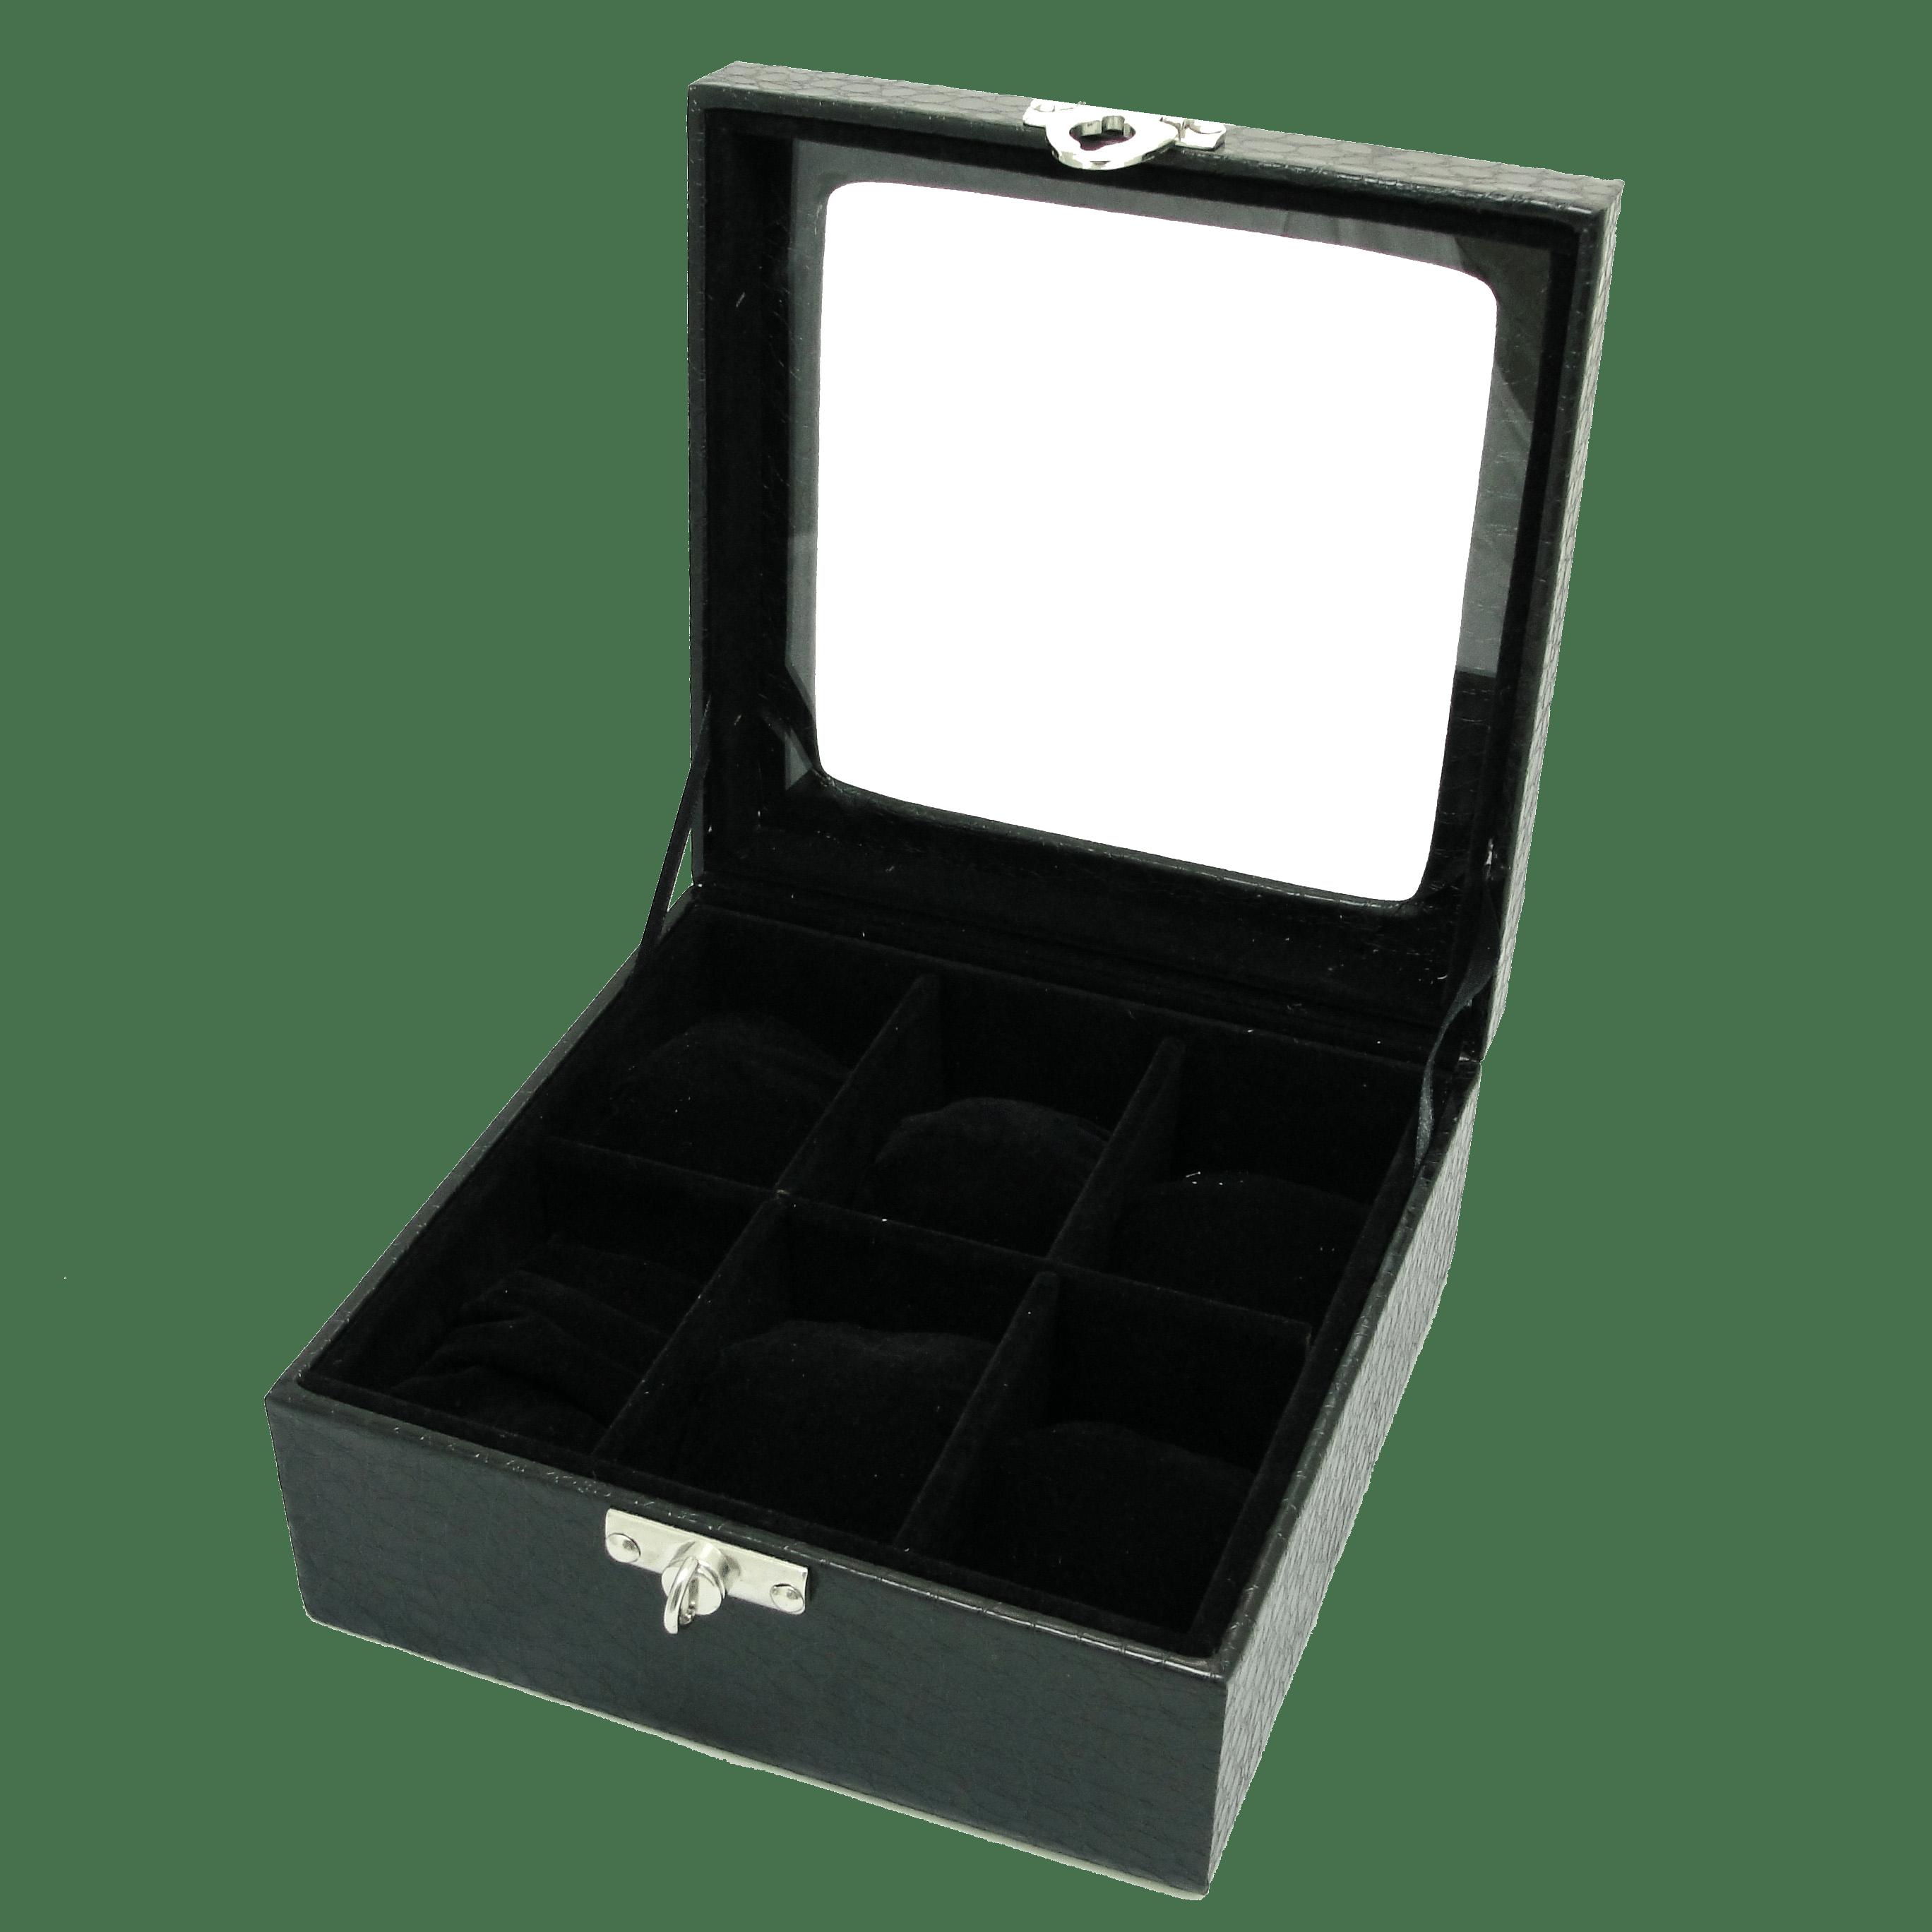 d532074732f Estojos de Relogios · Organizador